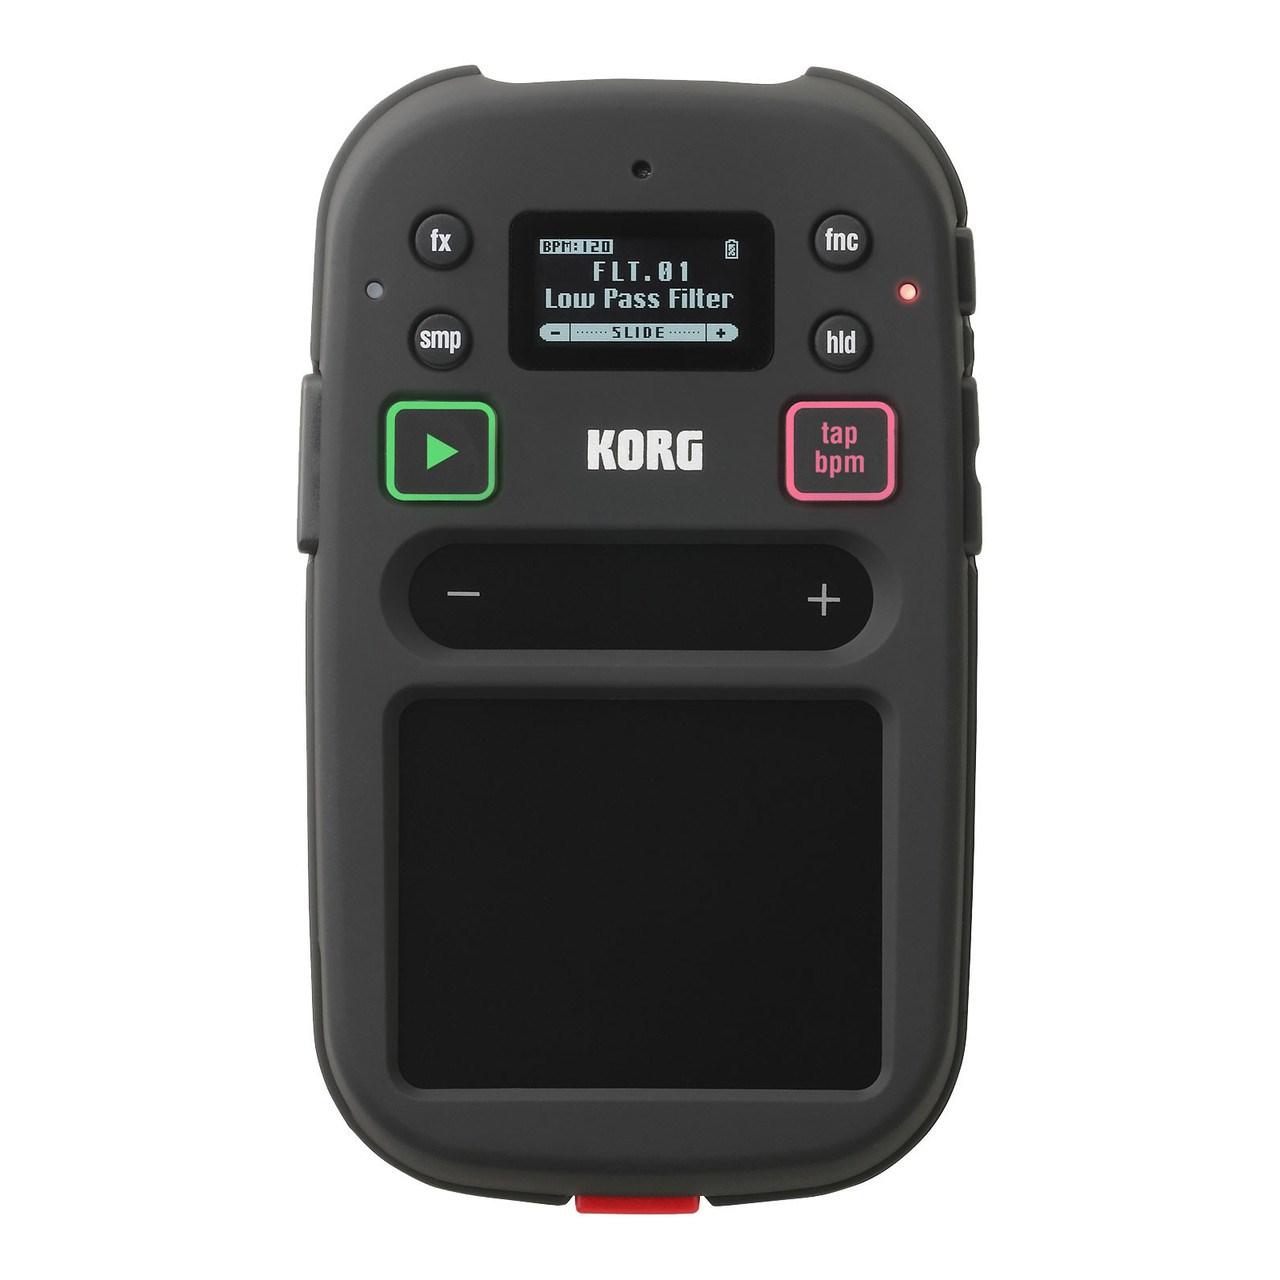 پردازشگر داینامیک افکت کرگ مدل Mini Kaoss Pad 2S